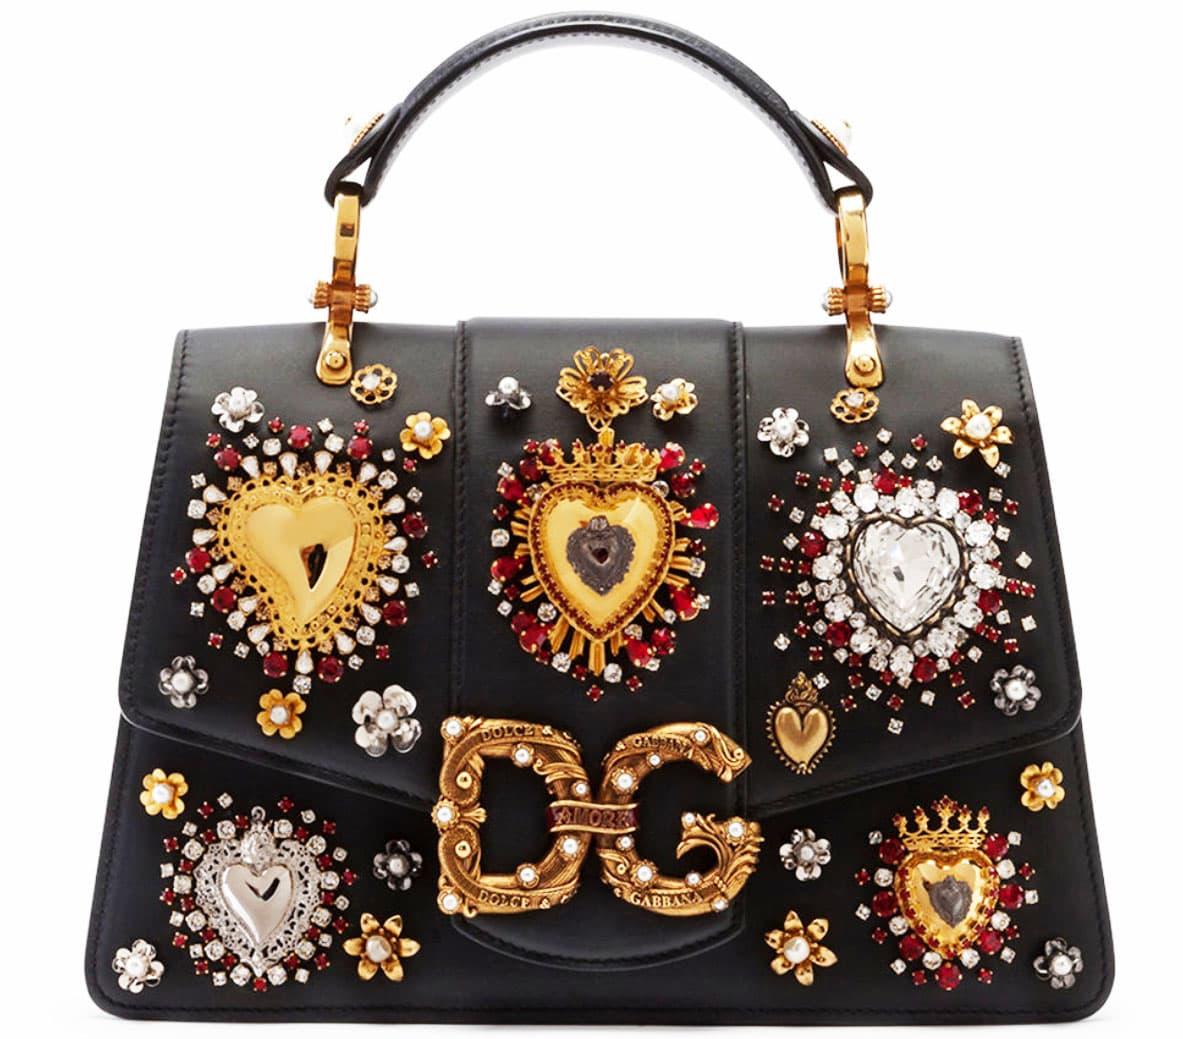 Dolce and Gabbana purse